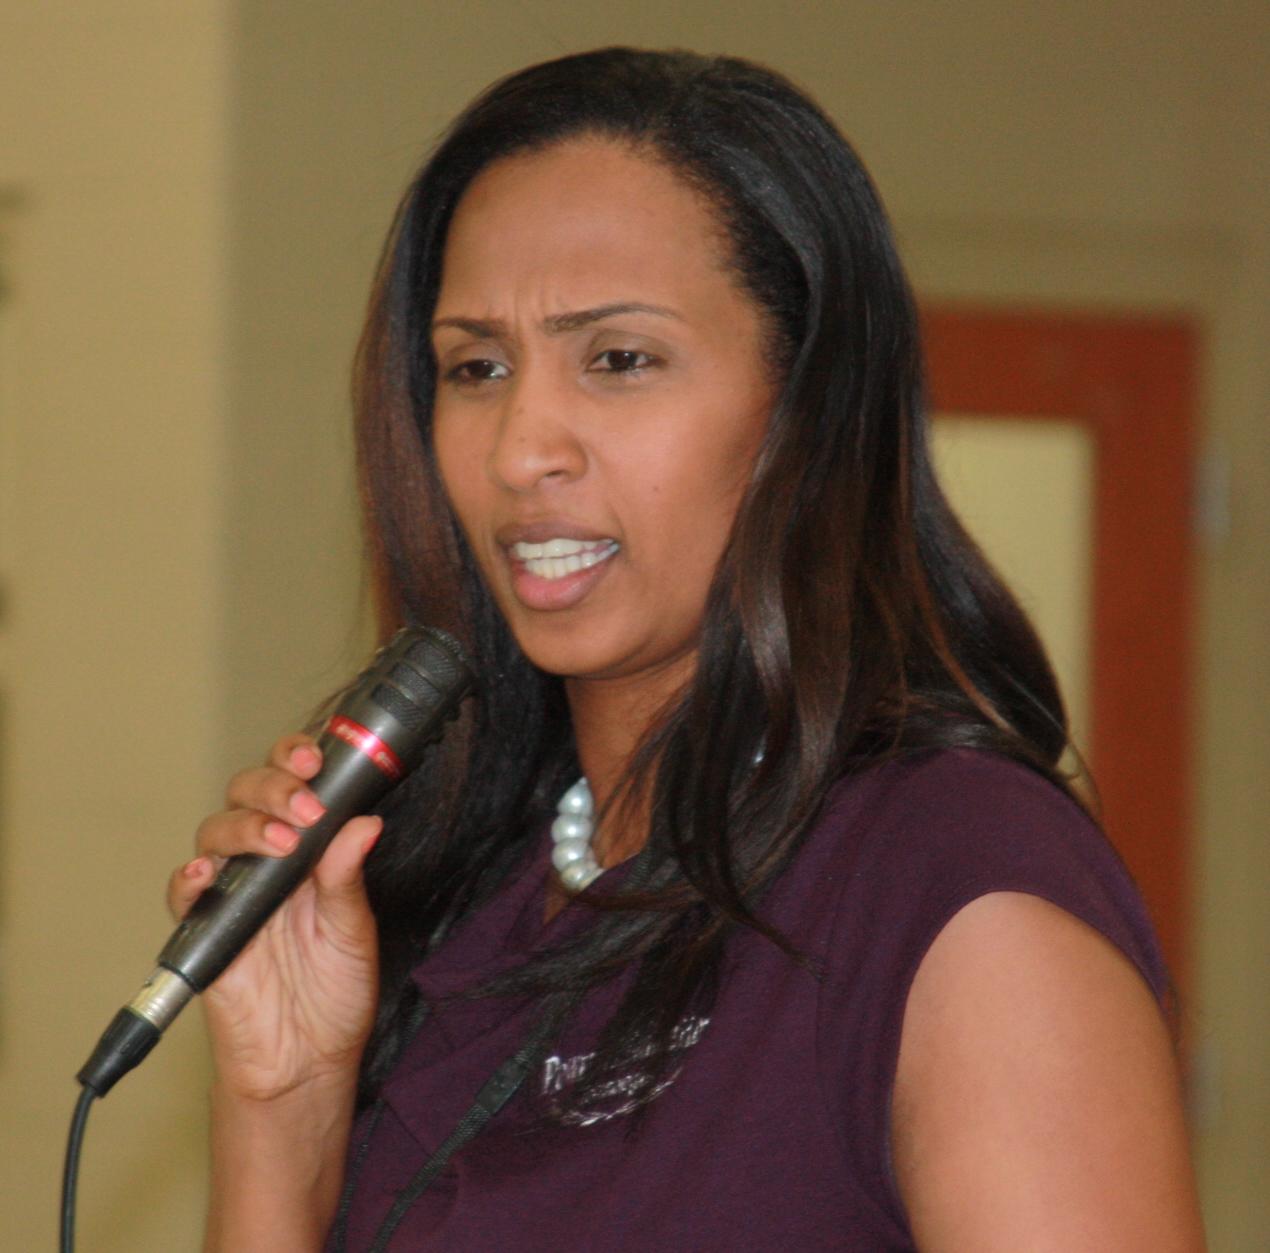 Tekoa Poueire, President, Power Promise Organization